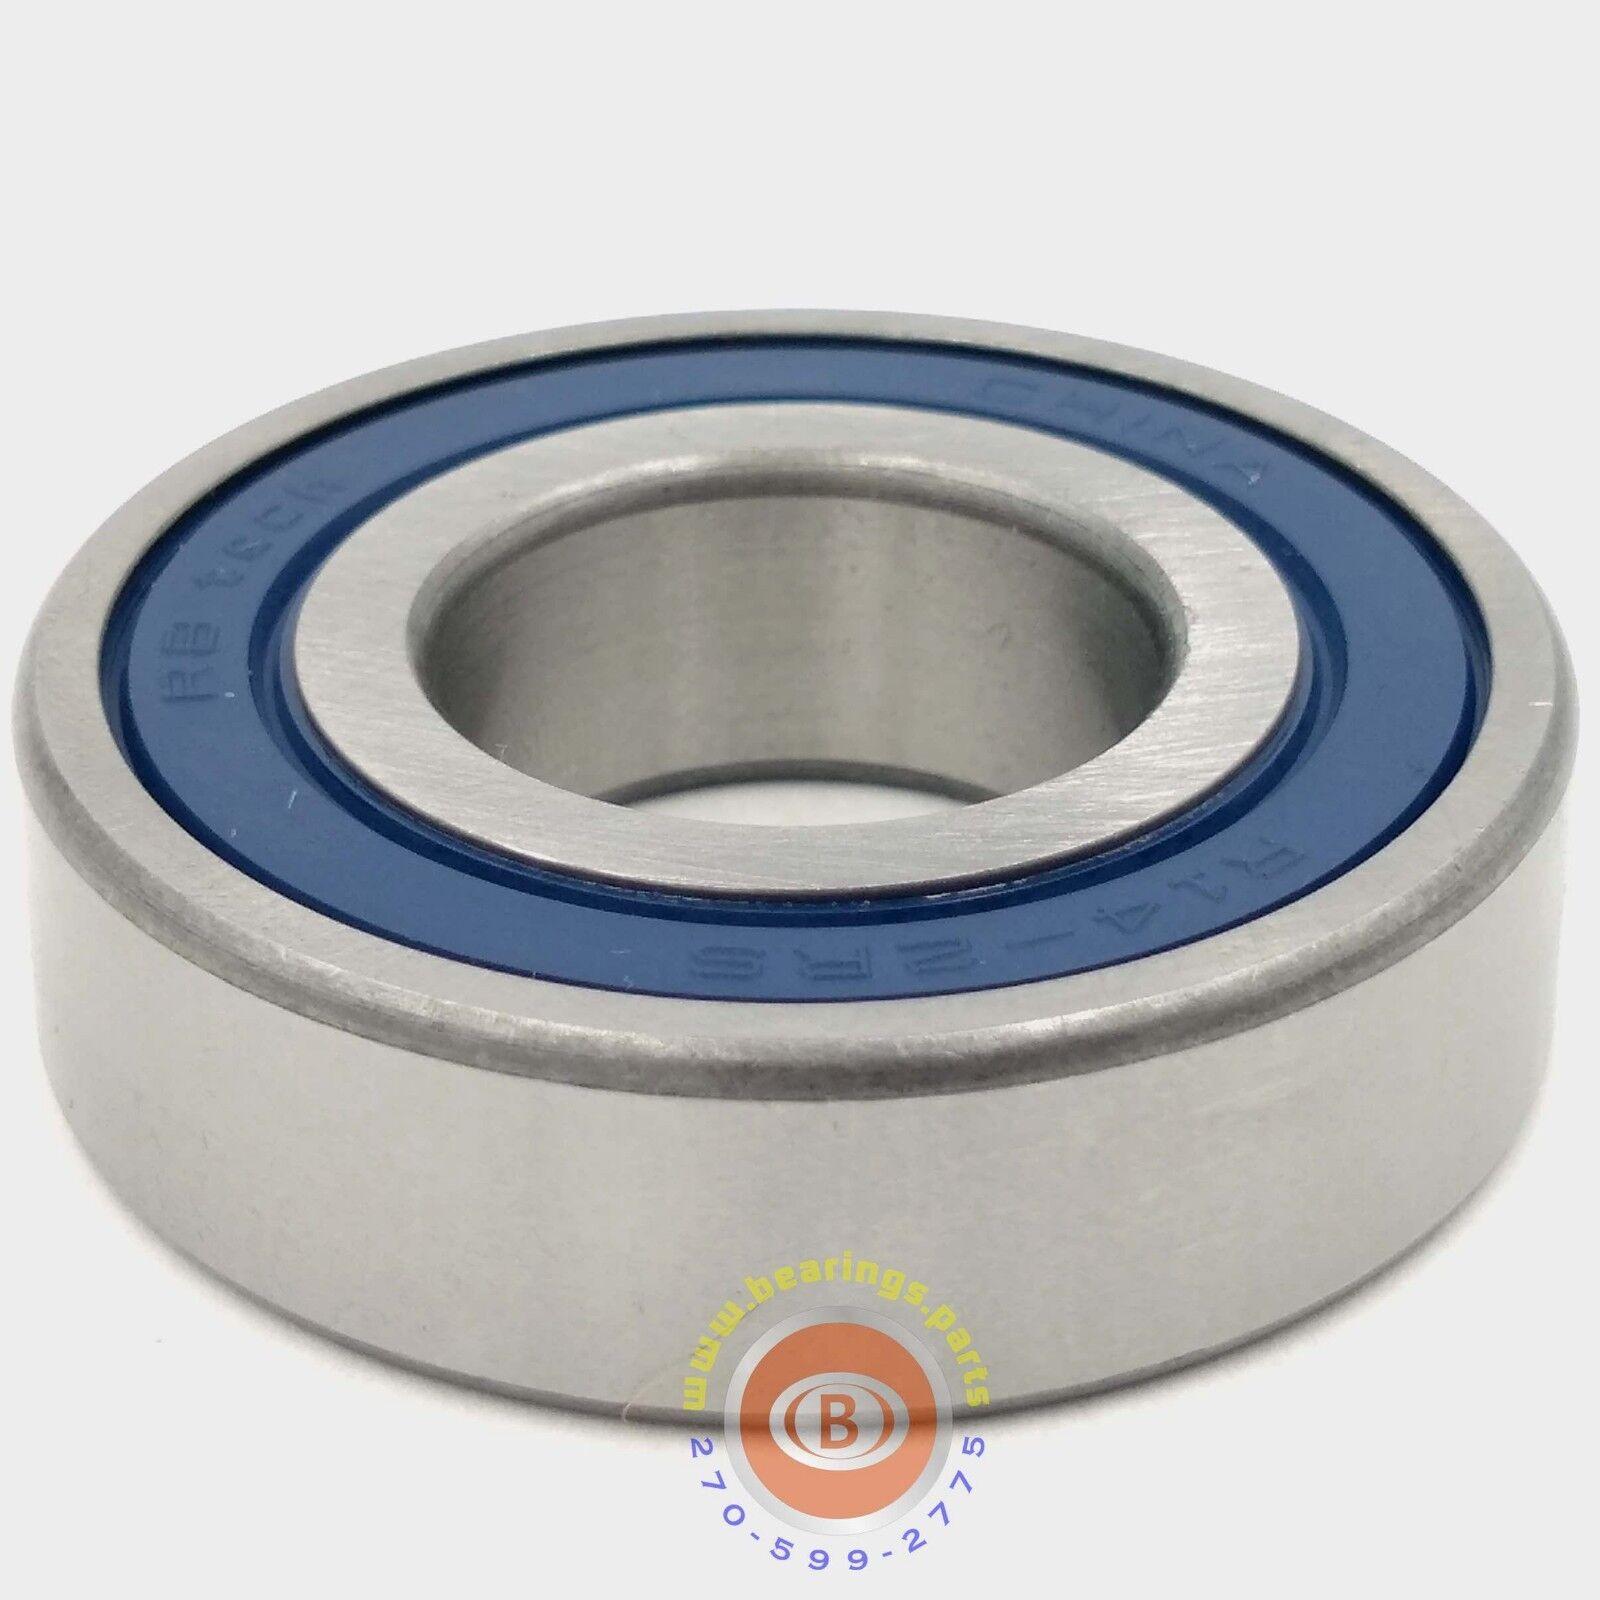 RB TECH C3 Ball Bearing 7//8x1-7//8x.5000 RBI R14 2RS//R14-ZZ Premium